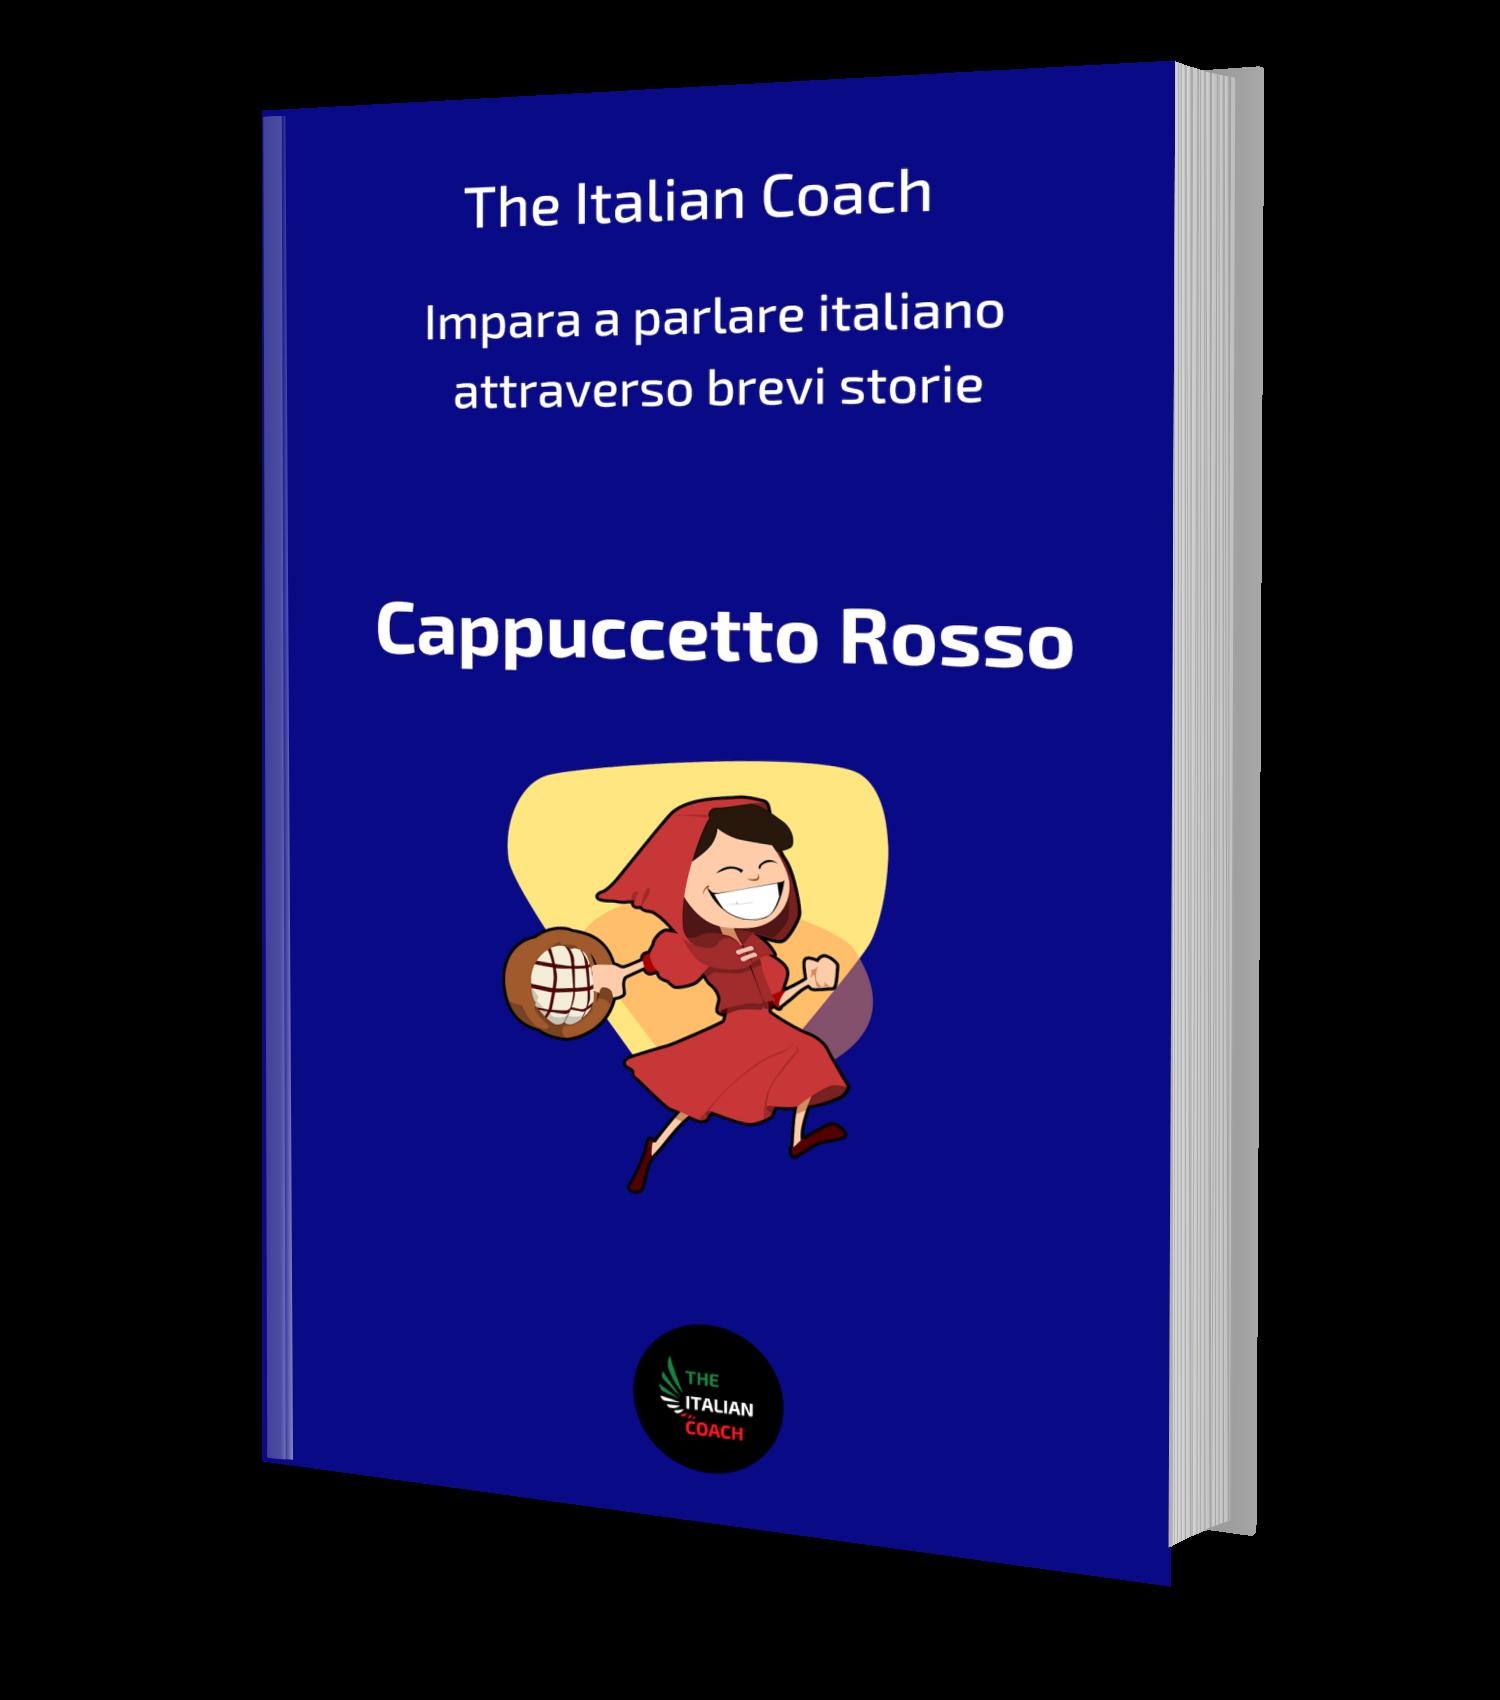 italian coach cappuccetto rosso